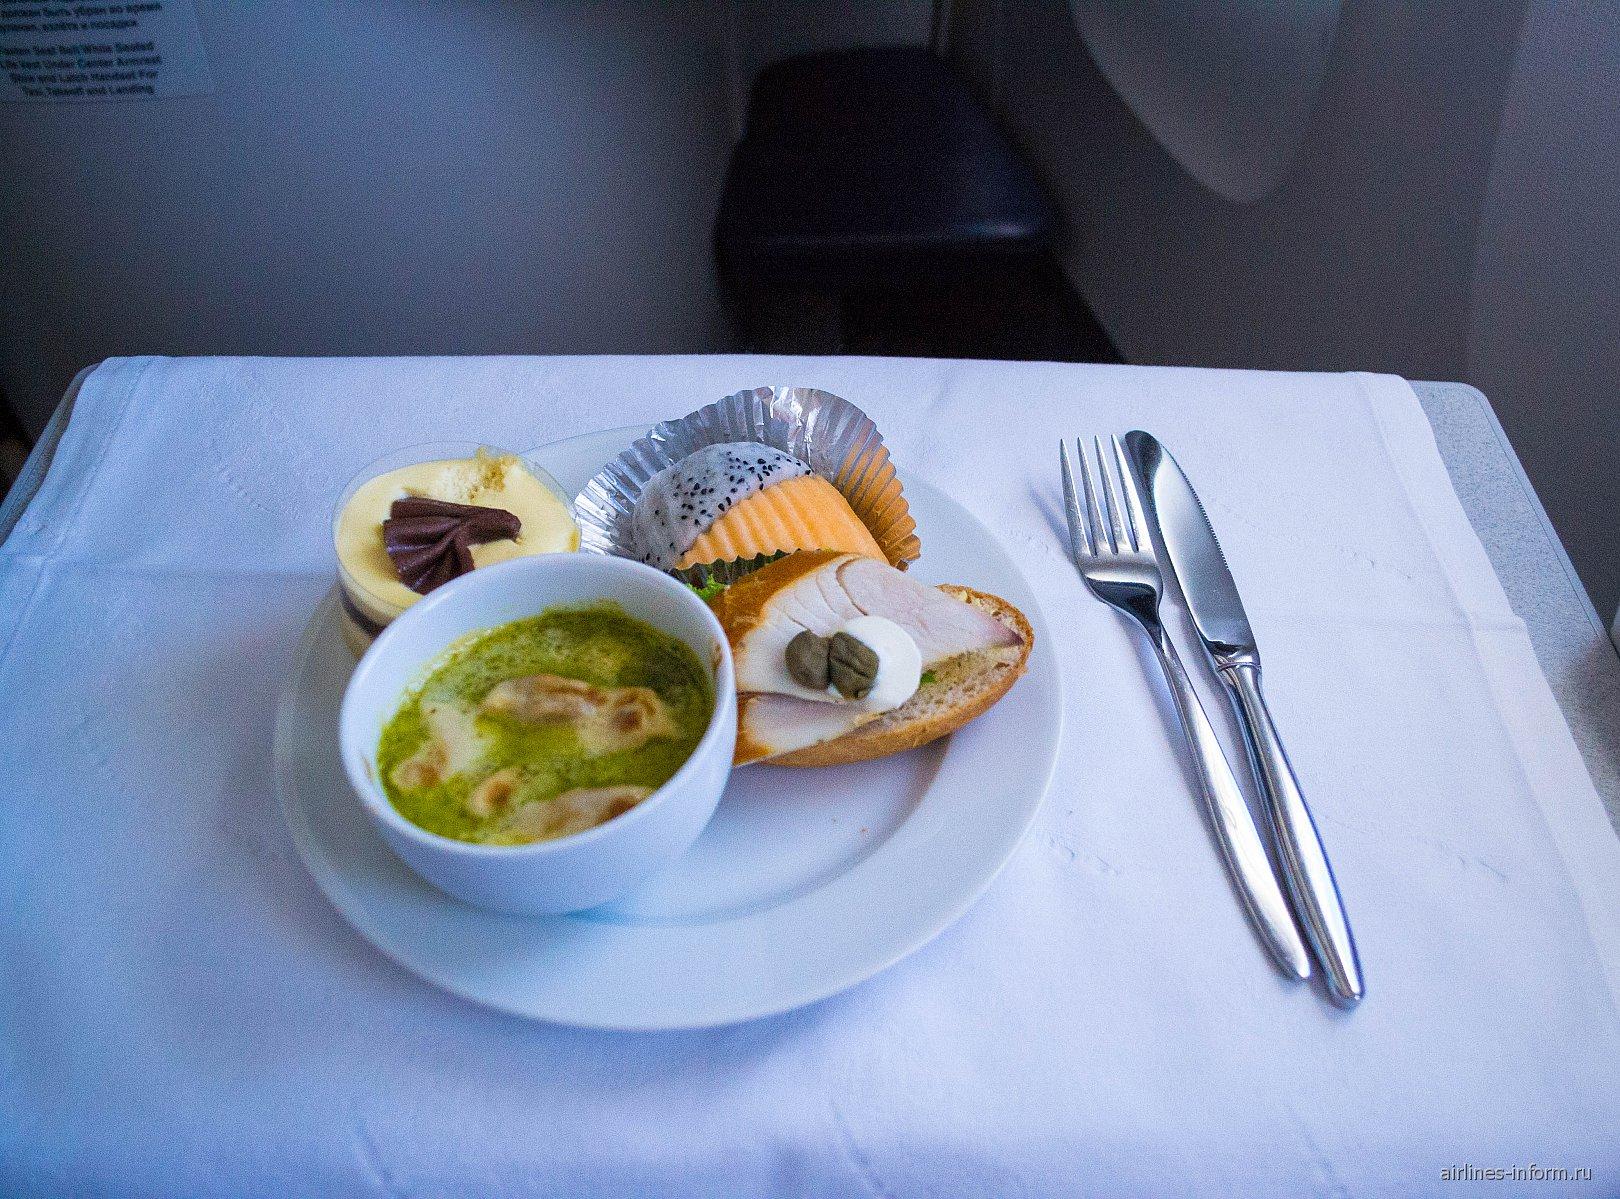 Второе питание в бизнес-классе на рейсе Аэрофлота Бангкок-Москва